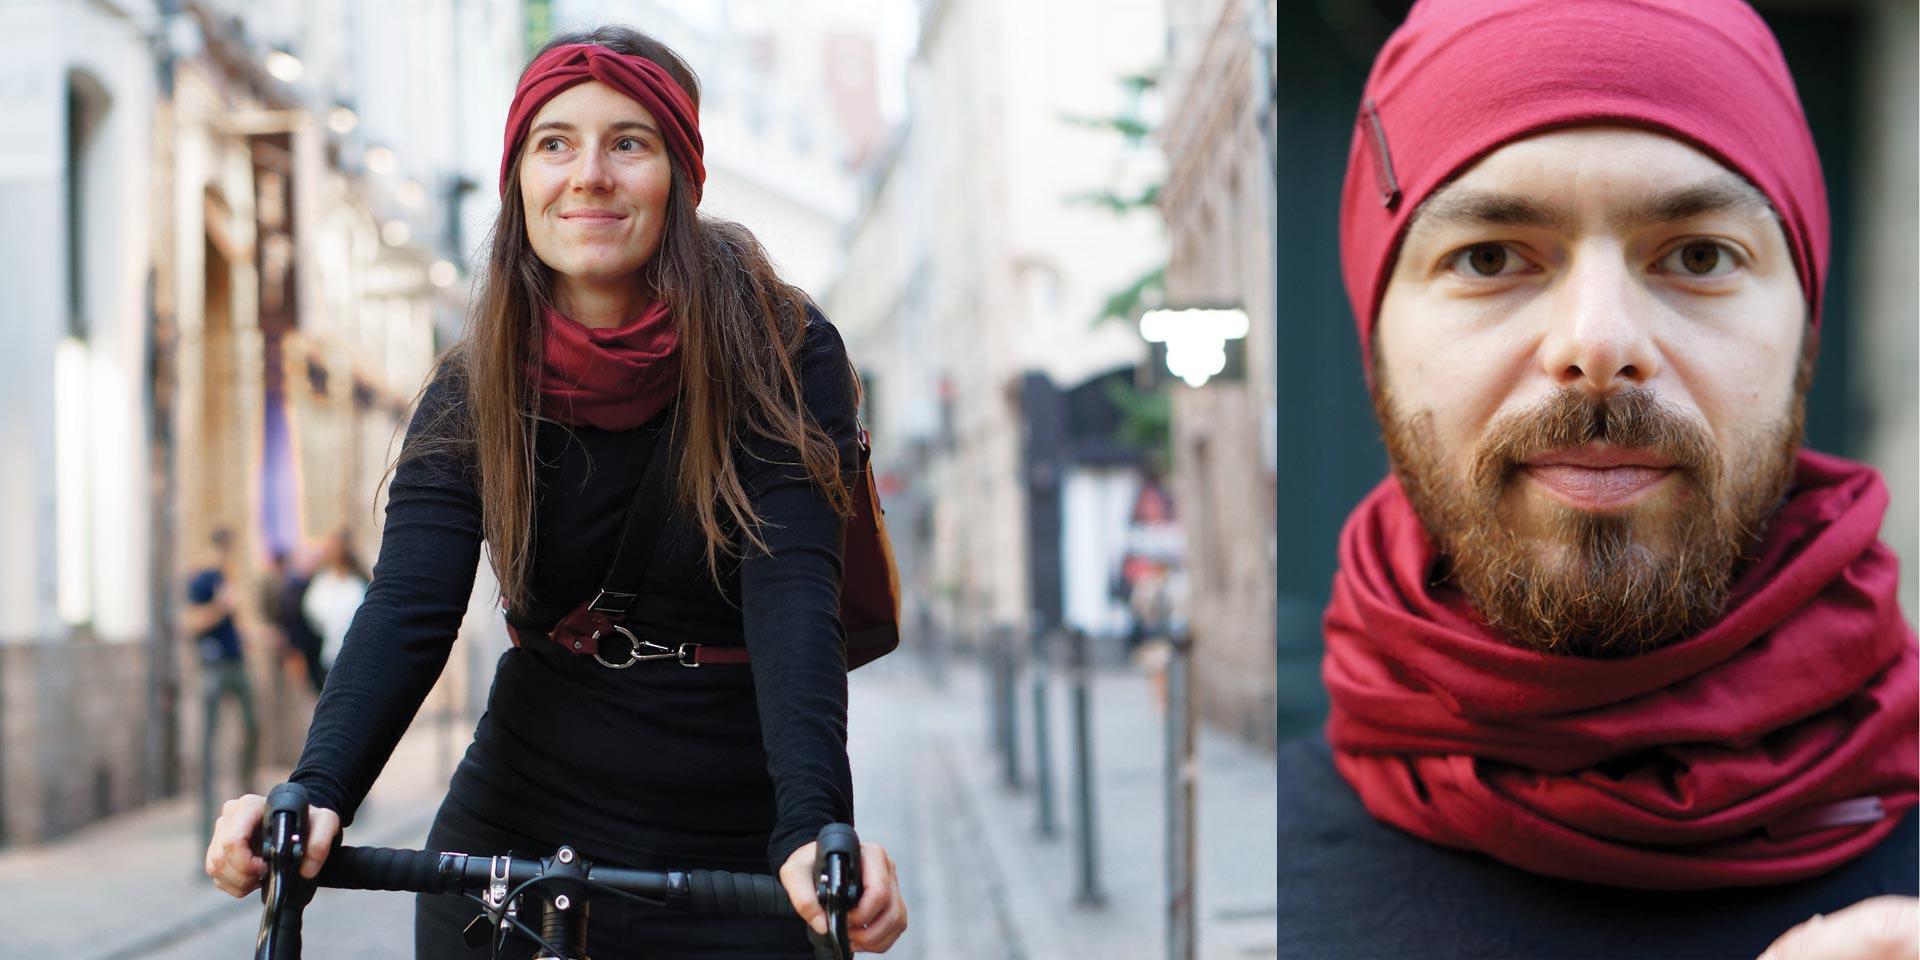 vêtements en laine mérinos idéal pour le cycliste urbain lady harberton